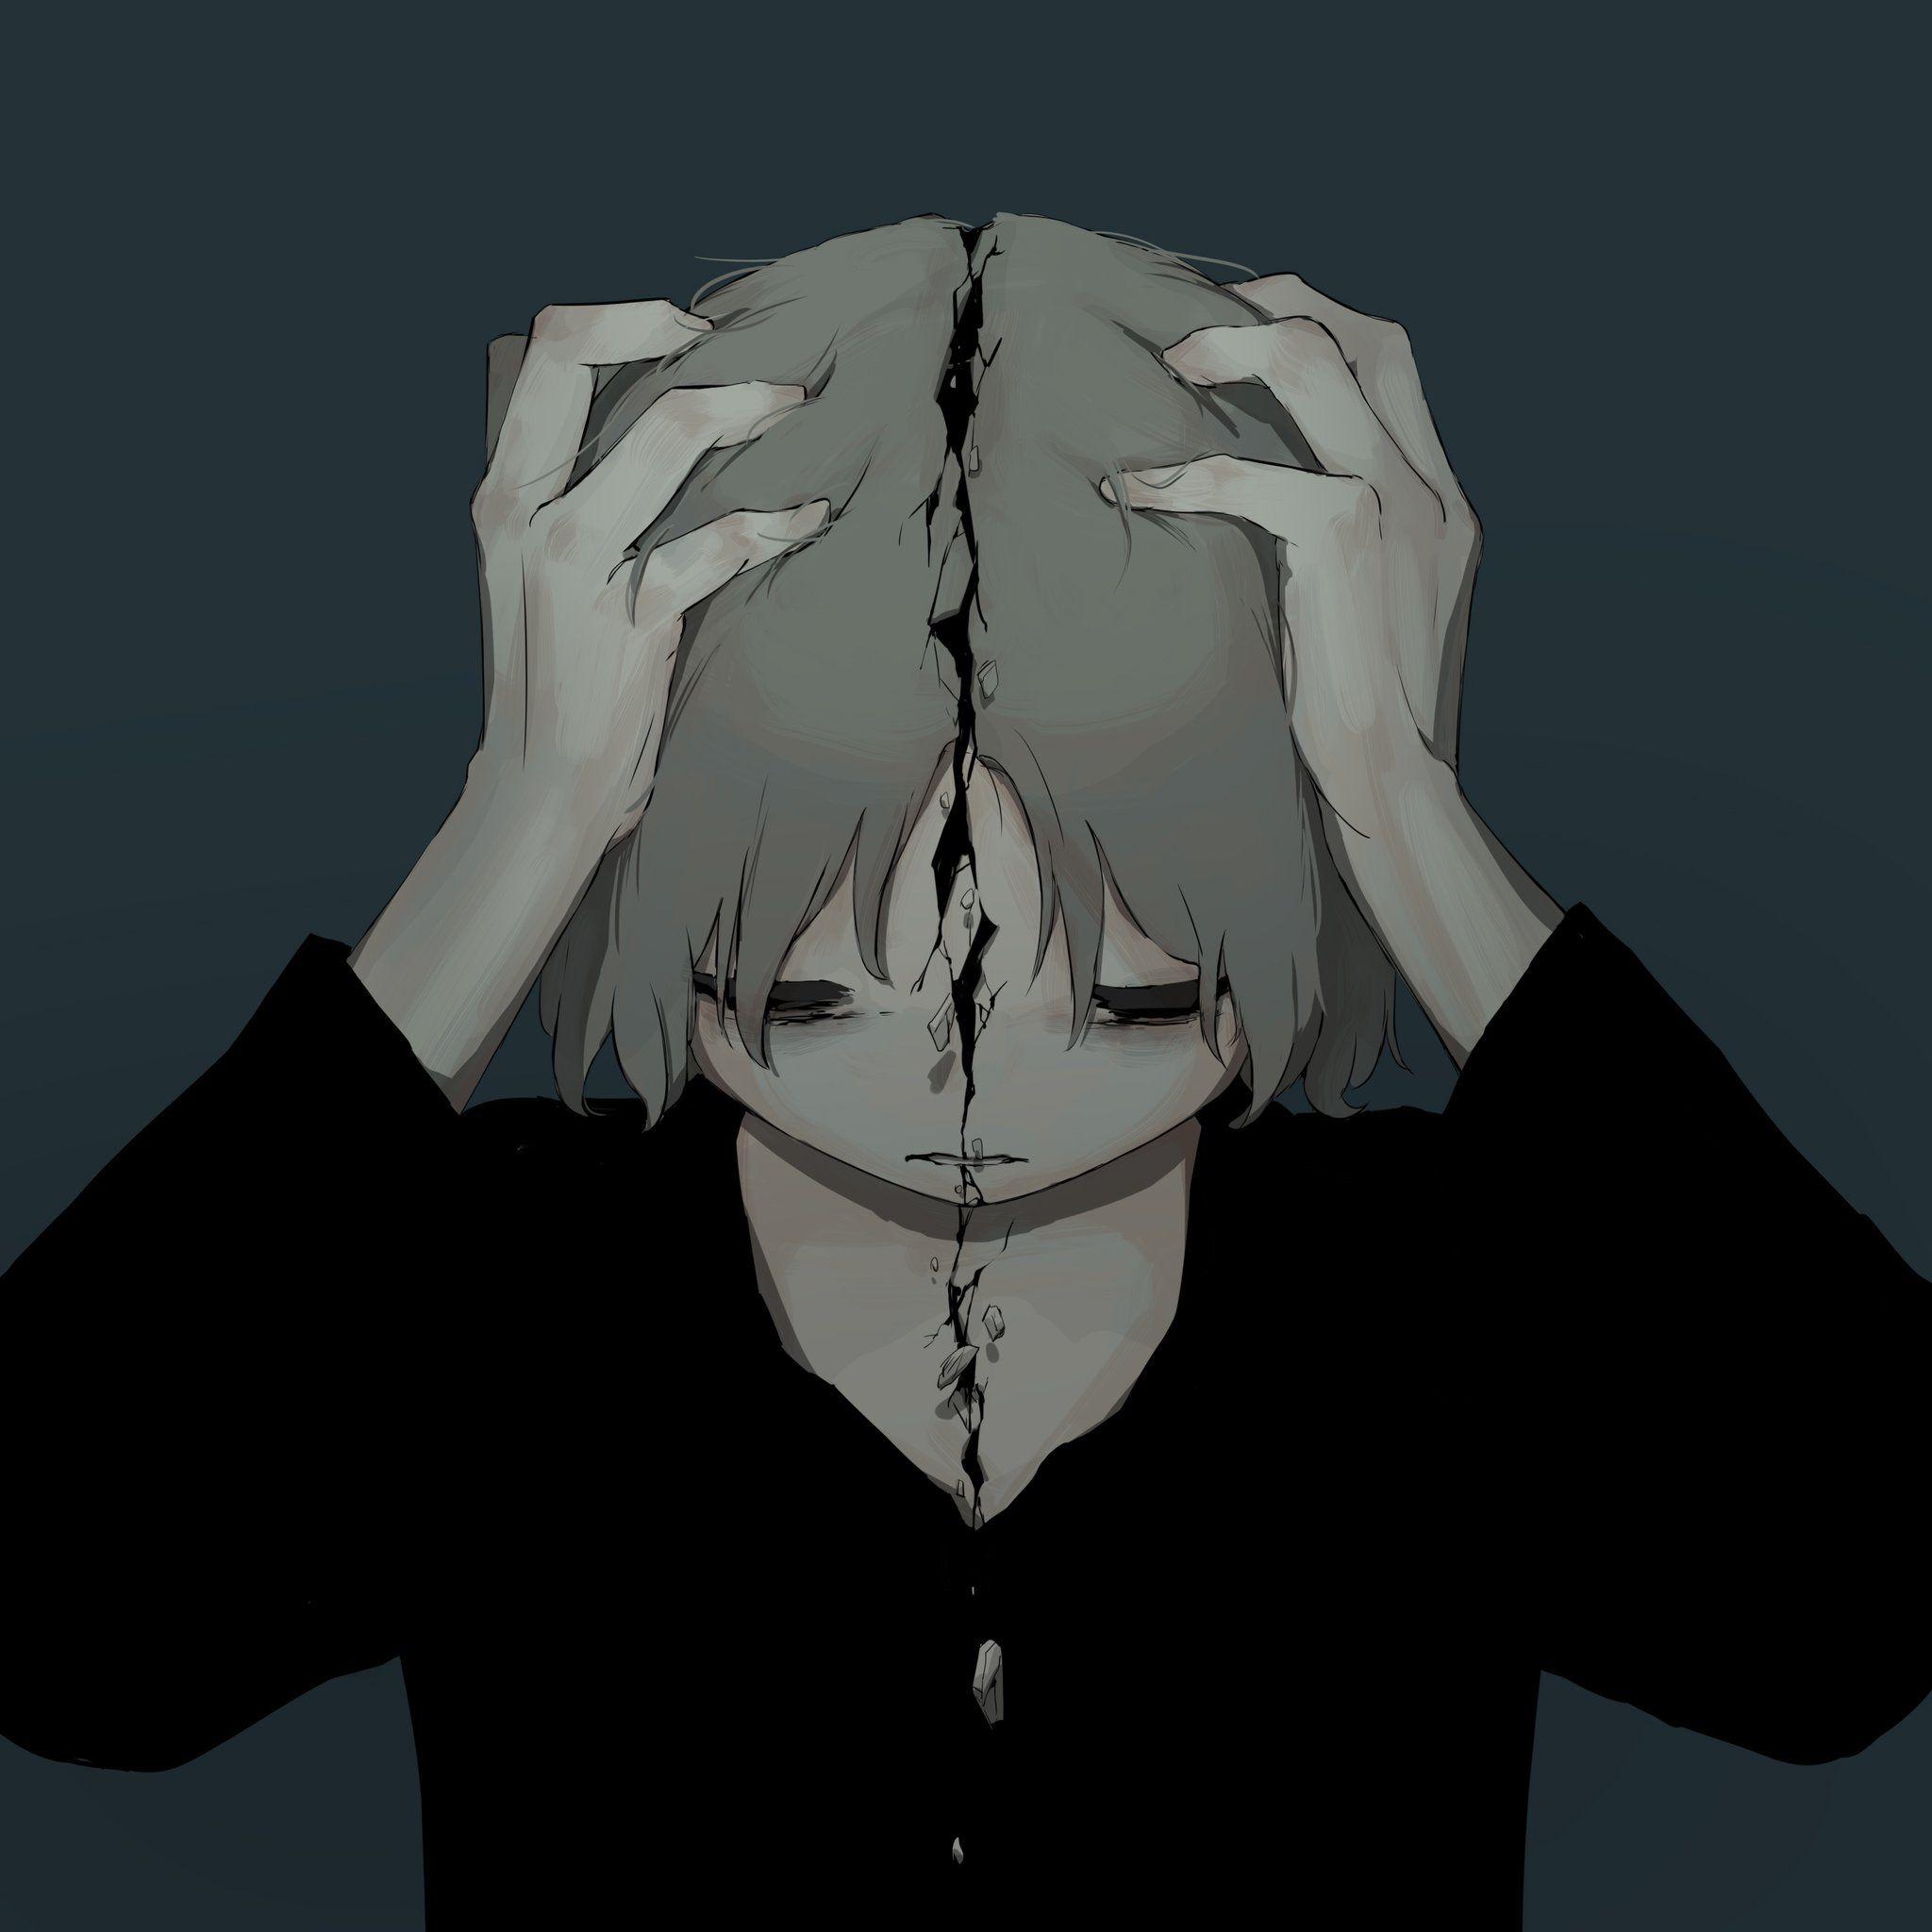 I M Broken Ilustrasi Ilustrasi Karakter Gambar Simpel